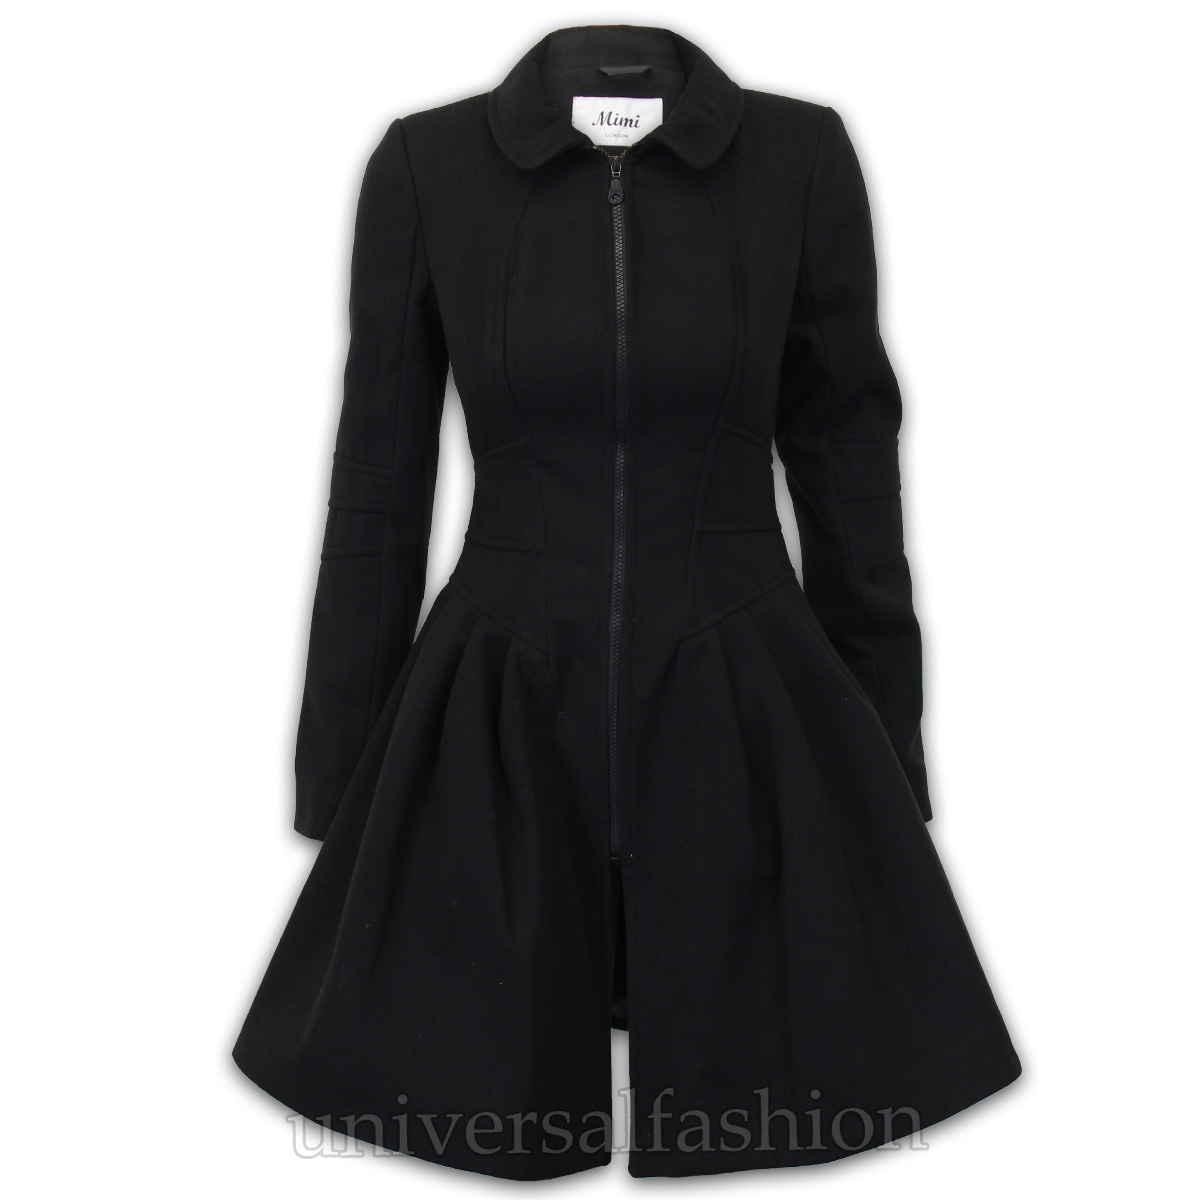 Mantel damen ausgestellt